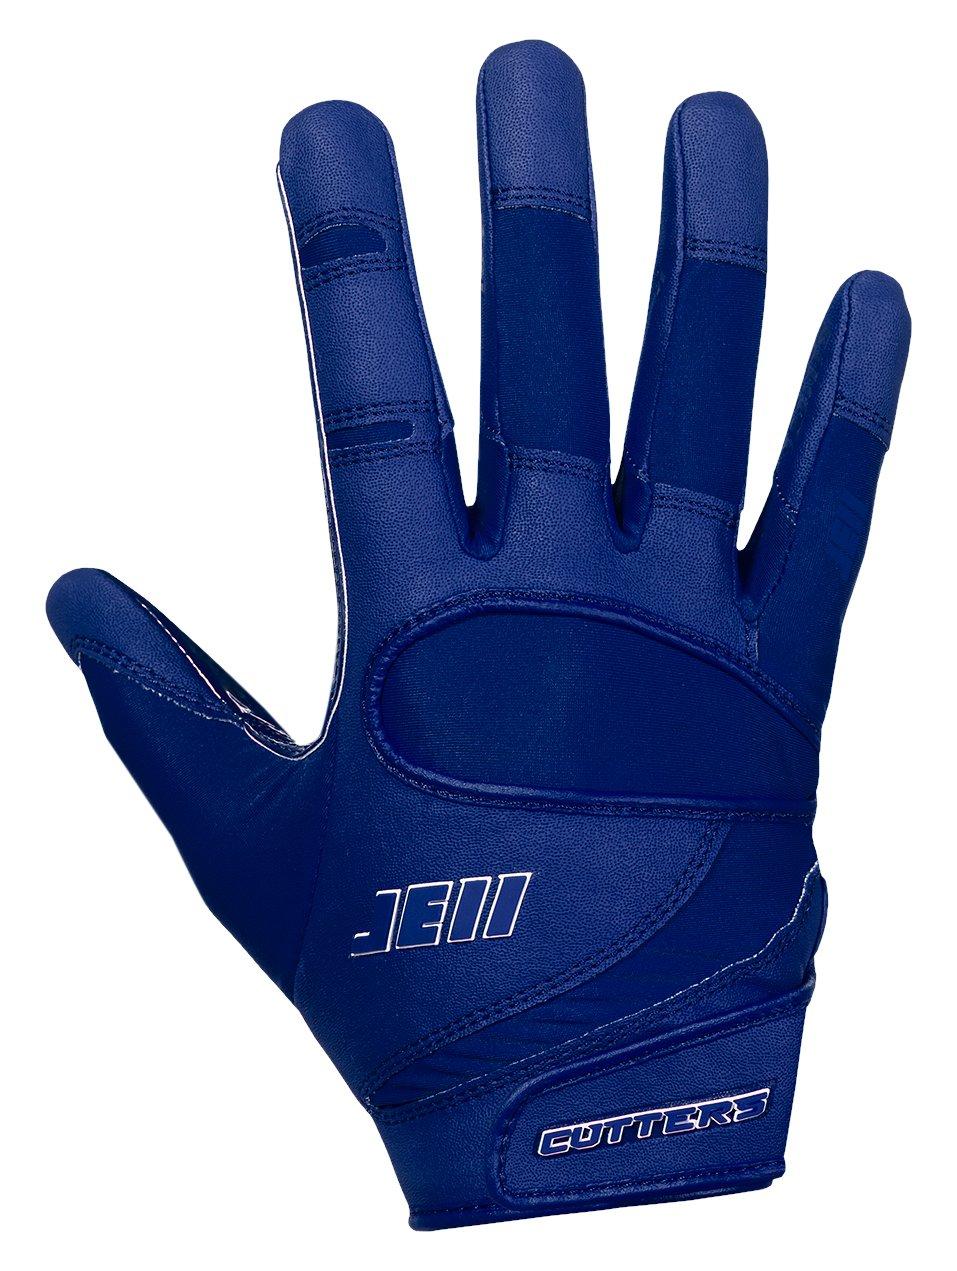 カッターJulian Edelmanフットボールグローブ、Extremeグリップ&受信機子供&大人サイズ手袋、柔軟、快適、耐久性、通気性、1ペア B07BMBBH8L ネイビー ADULT: Large ADULT: Large|ネイビー